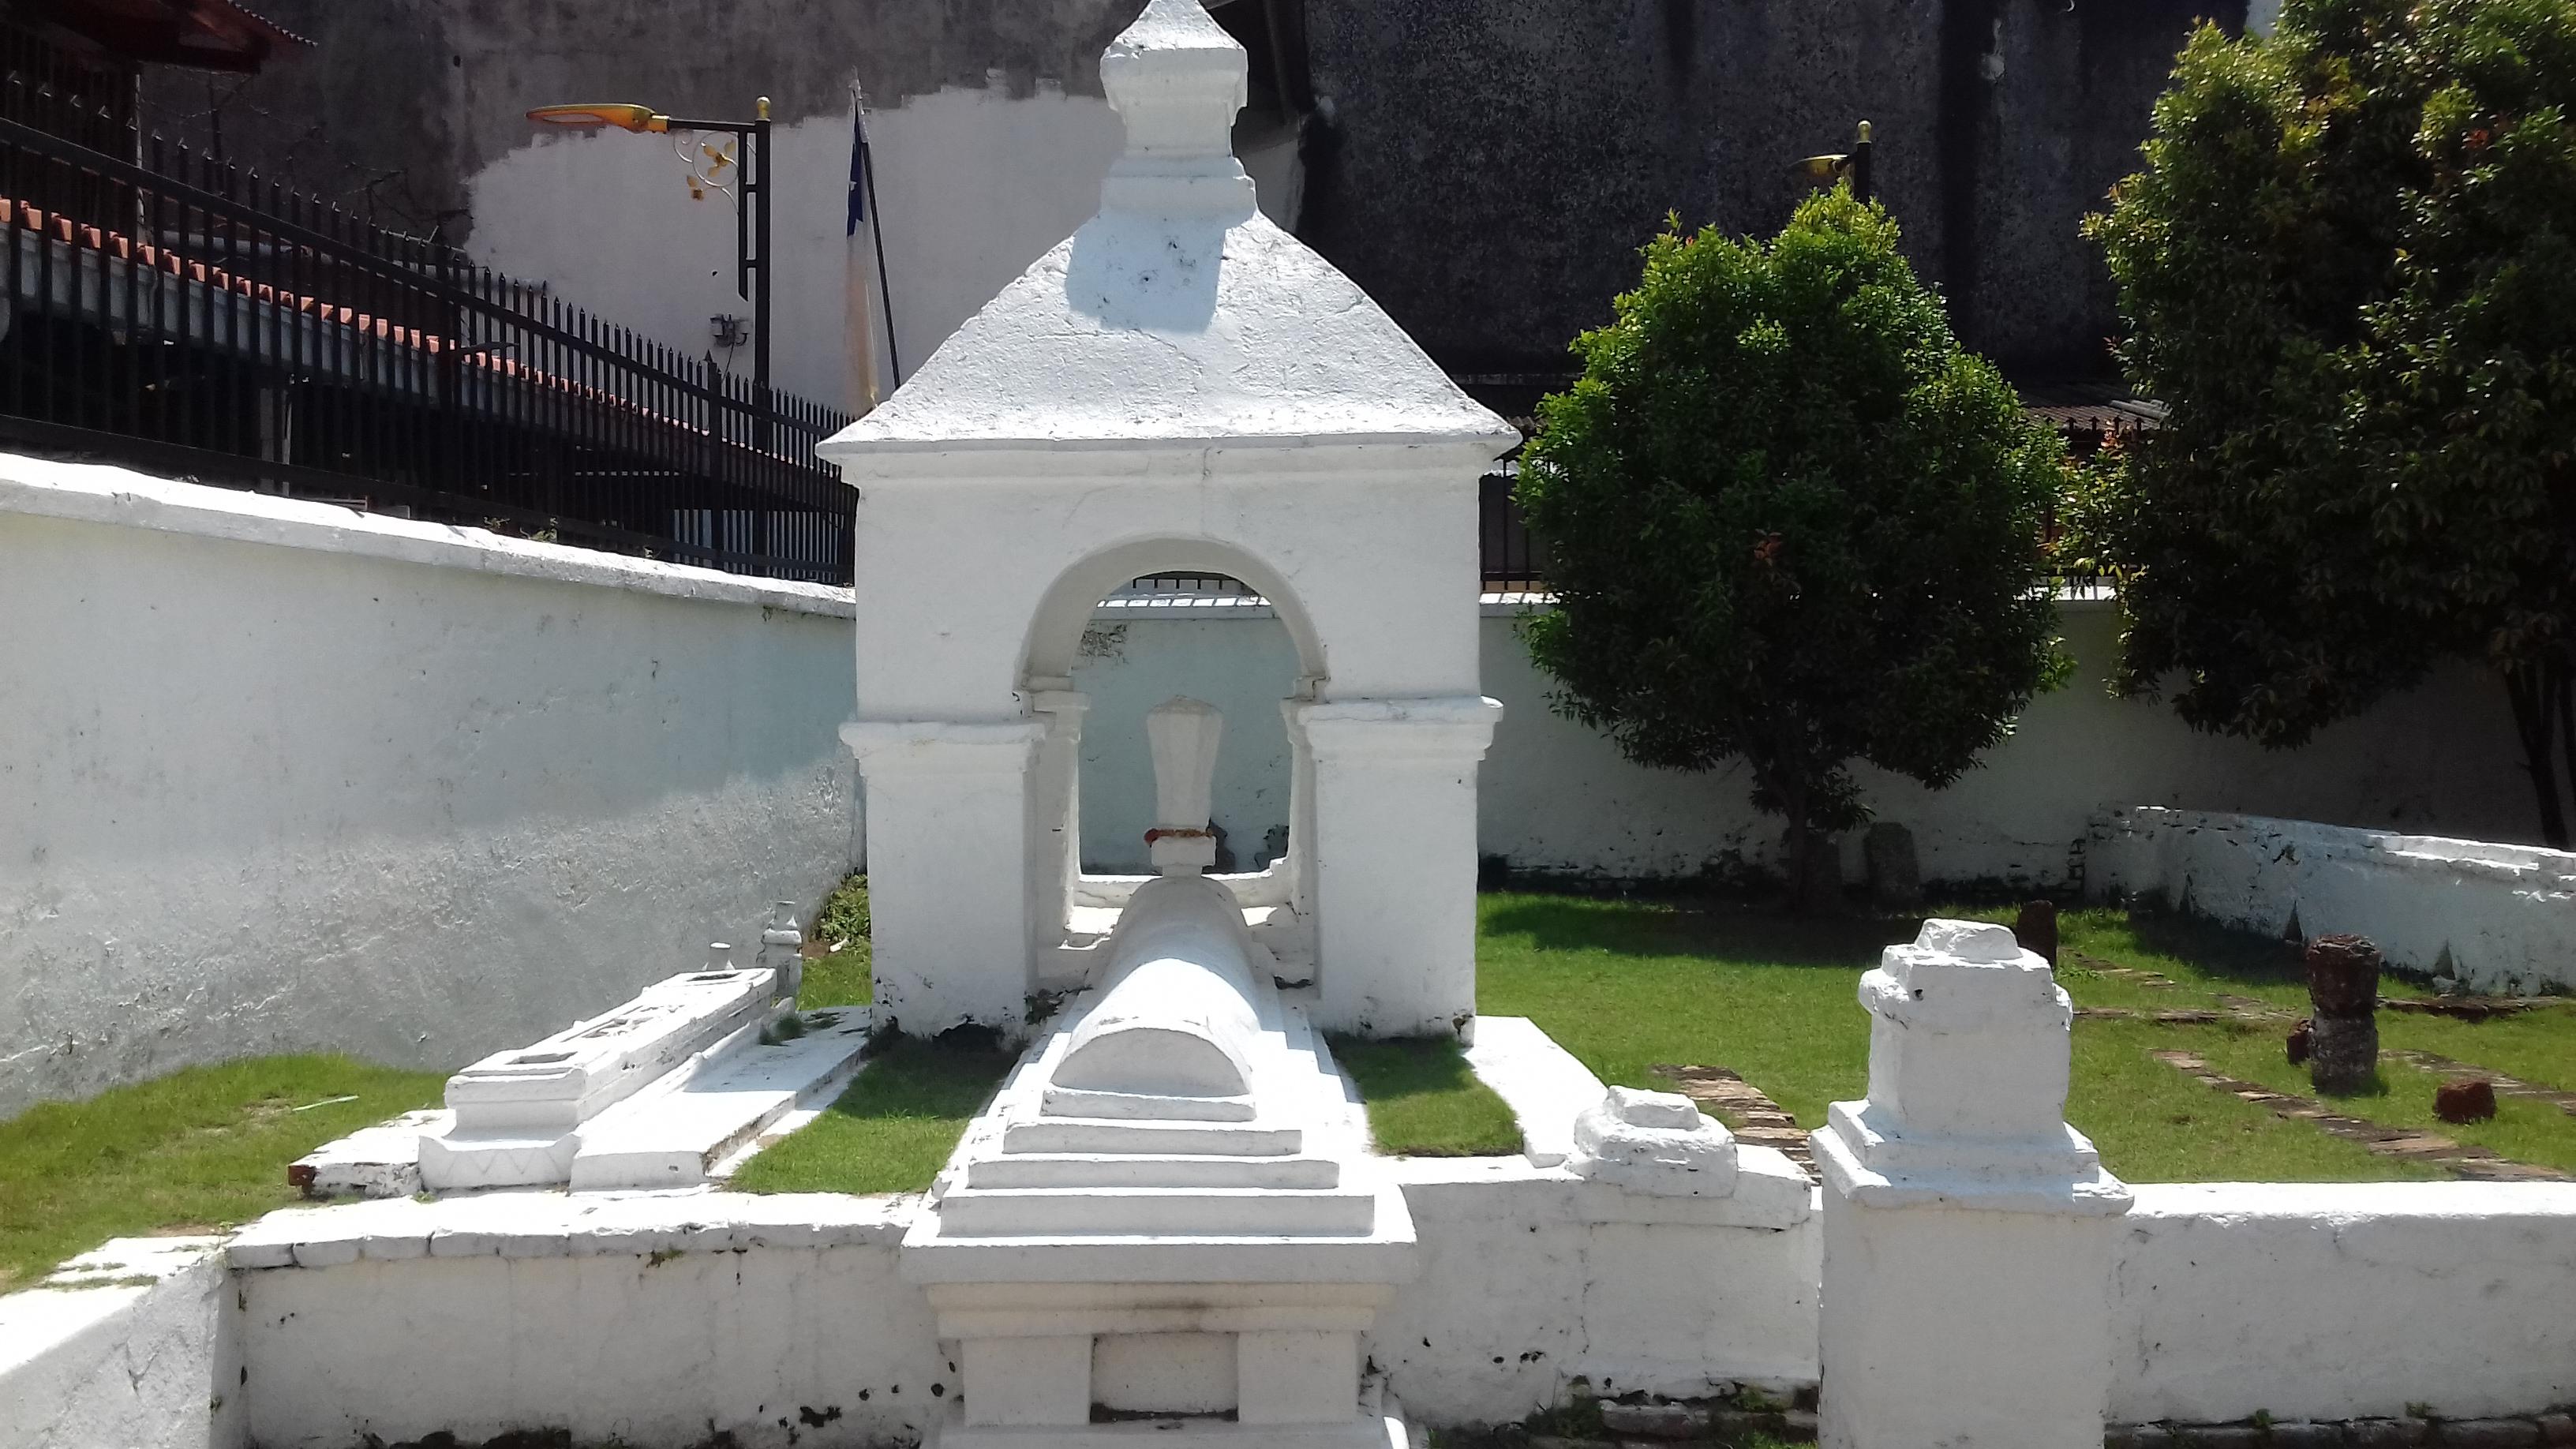 File:Hang Jebat Mausoleum (2).jpg - Wikimedia Commons